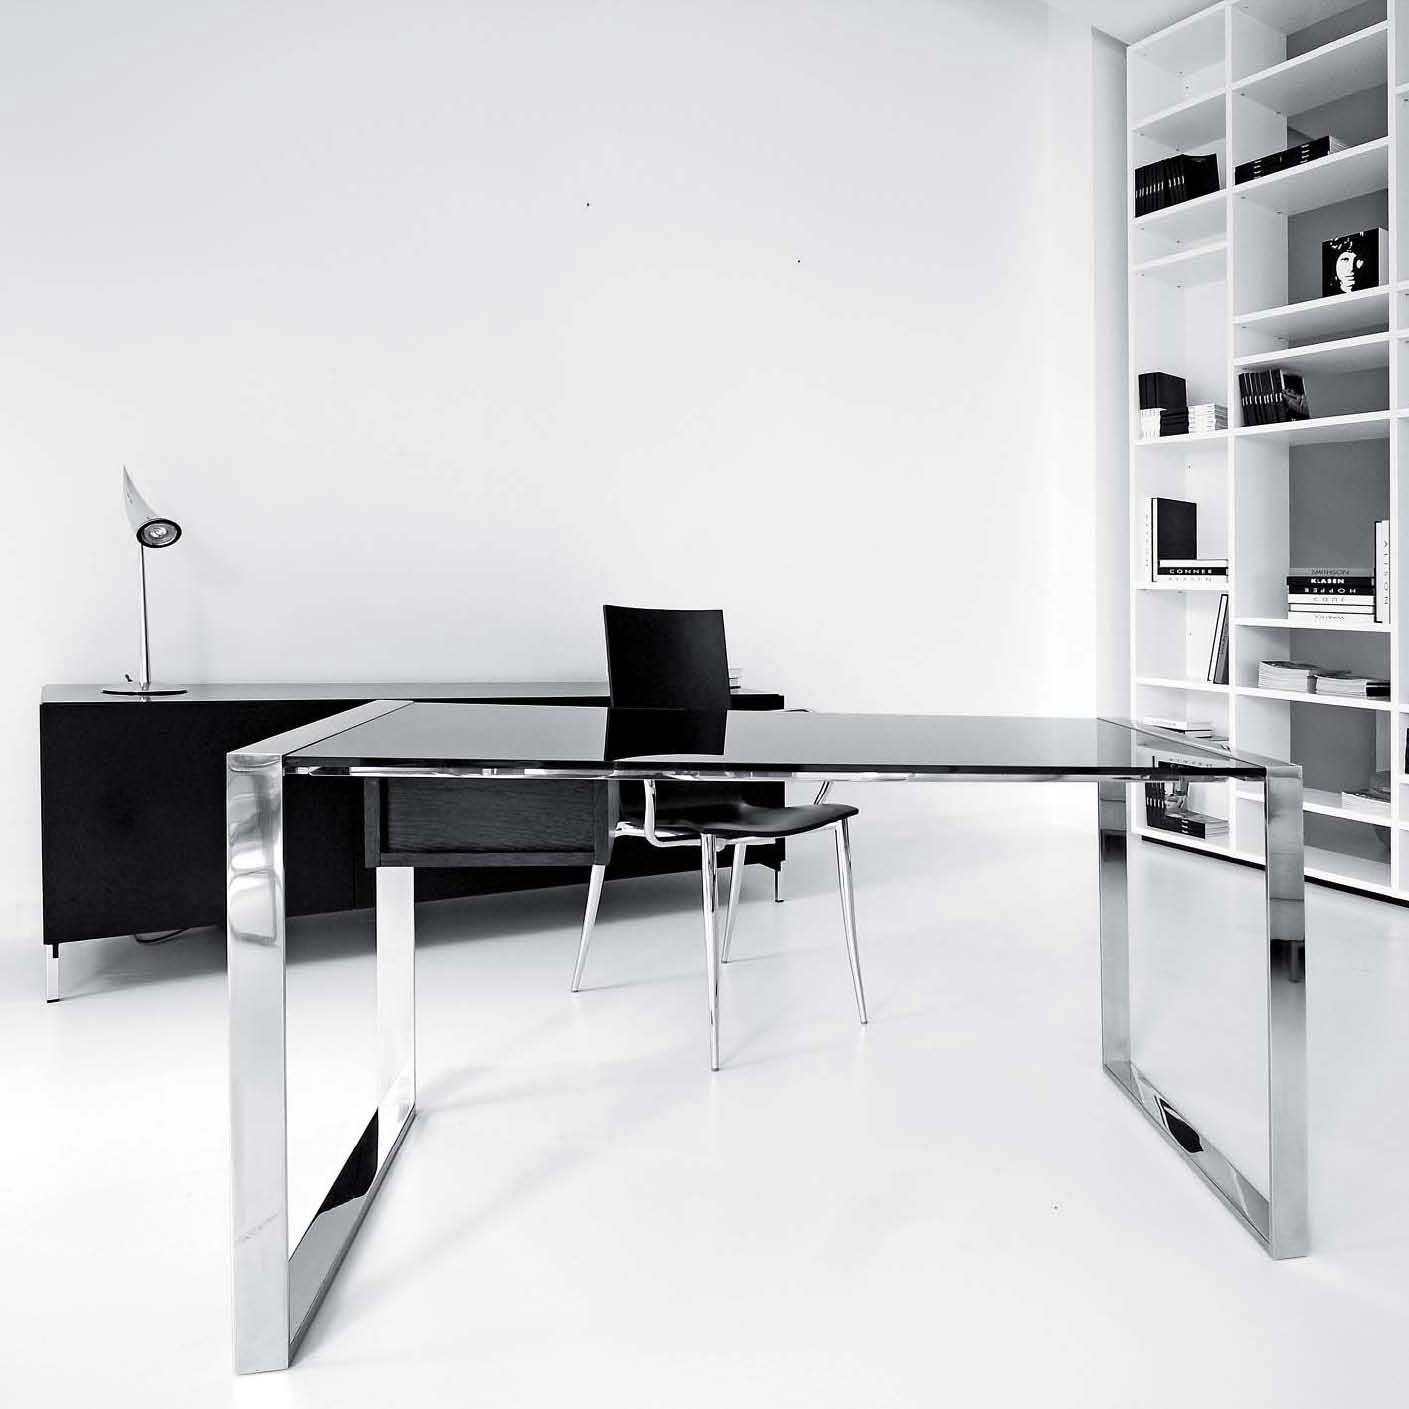 Desk for Office Environment